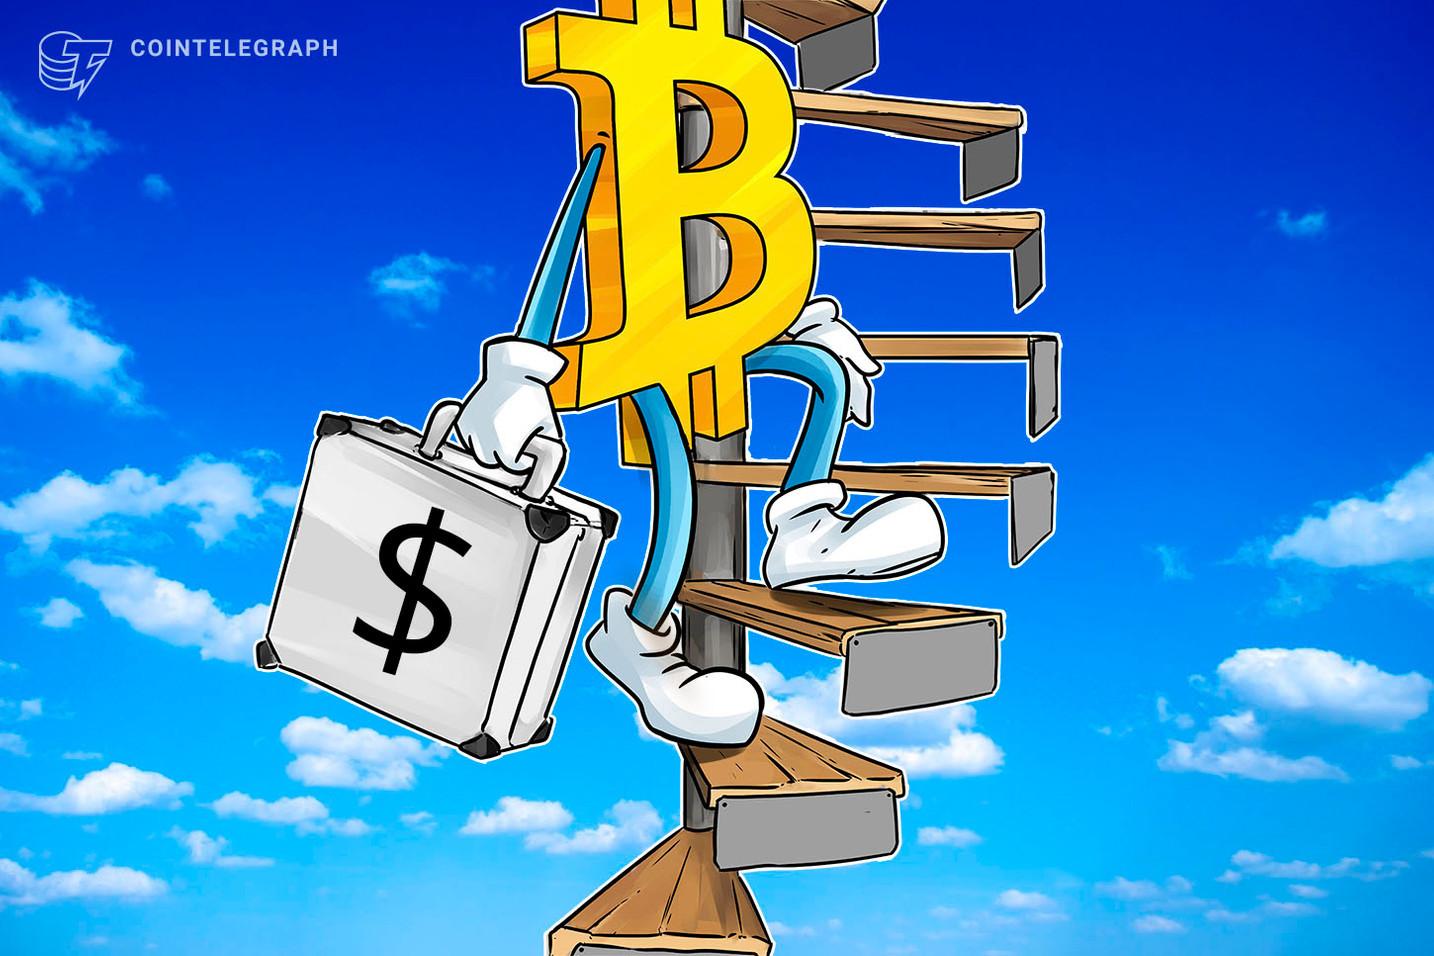 El volumen de trading de Bitcoin en abril fue más de siete veces mayor que el de Apple